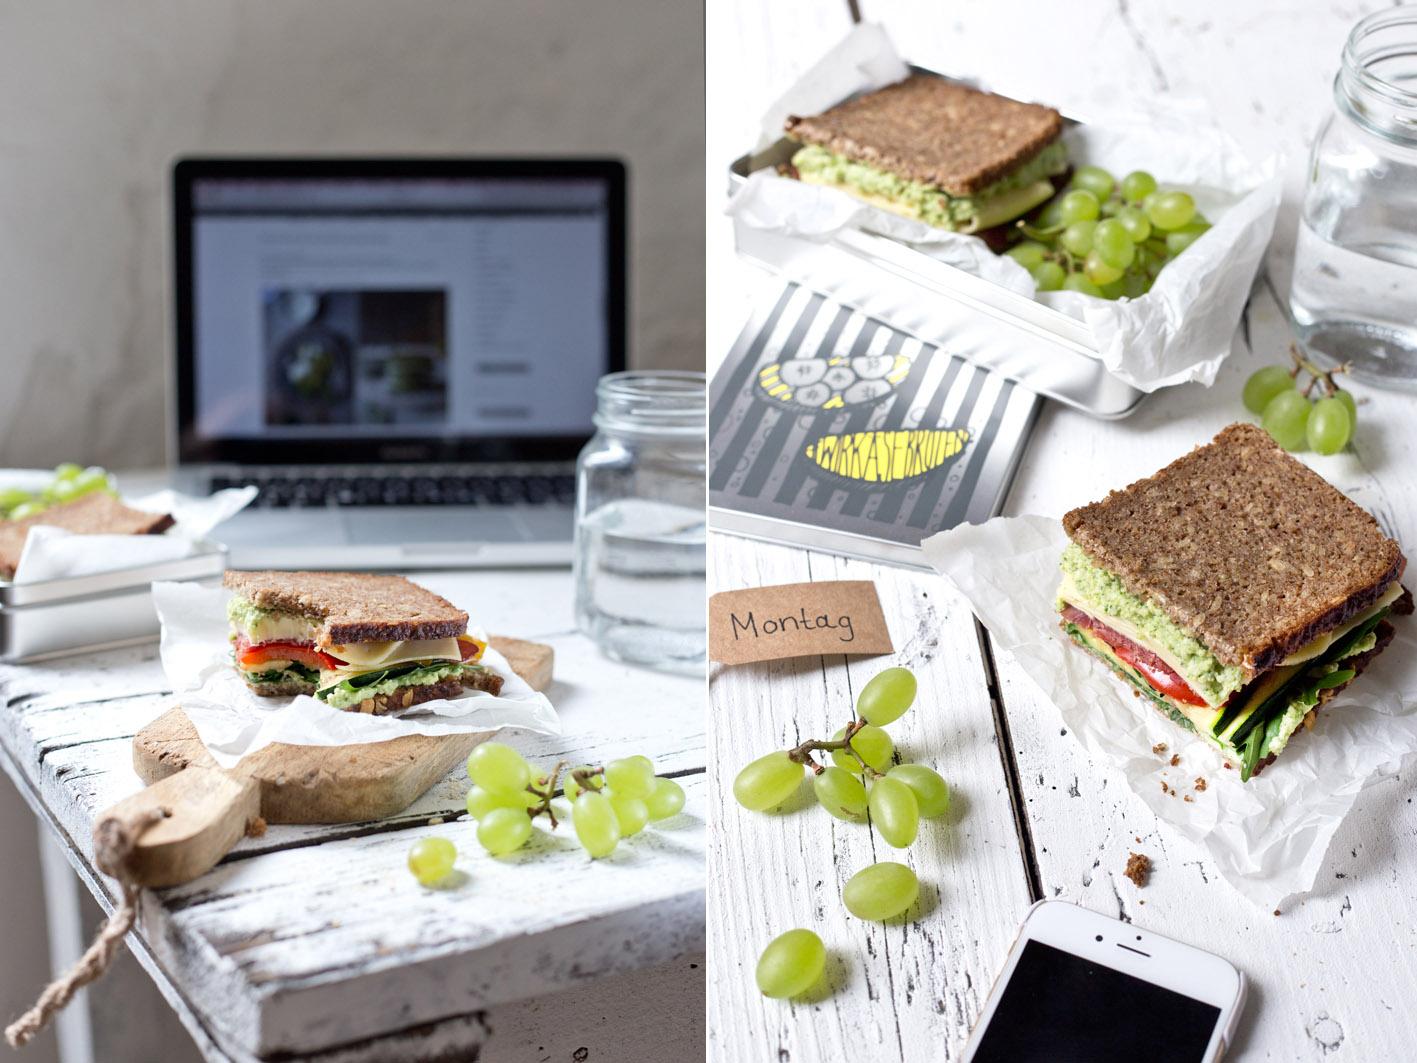 tipps für eine gesunde mittagspause